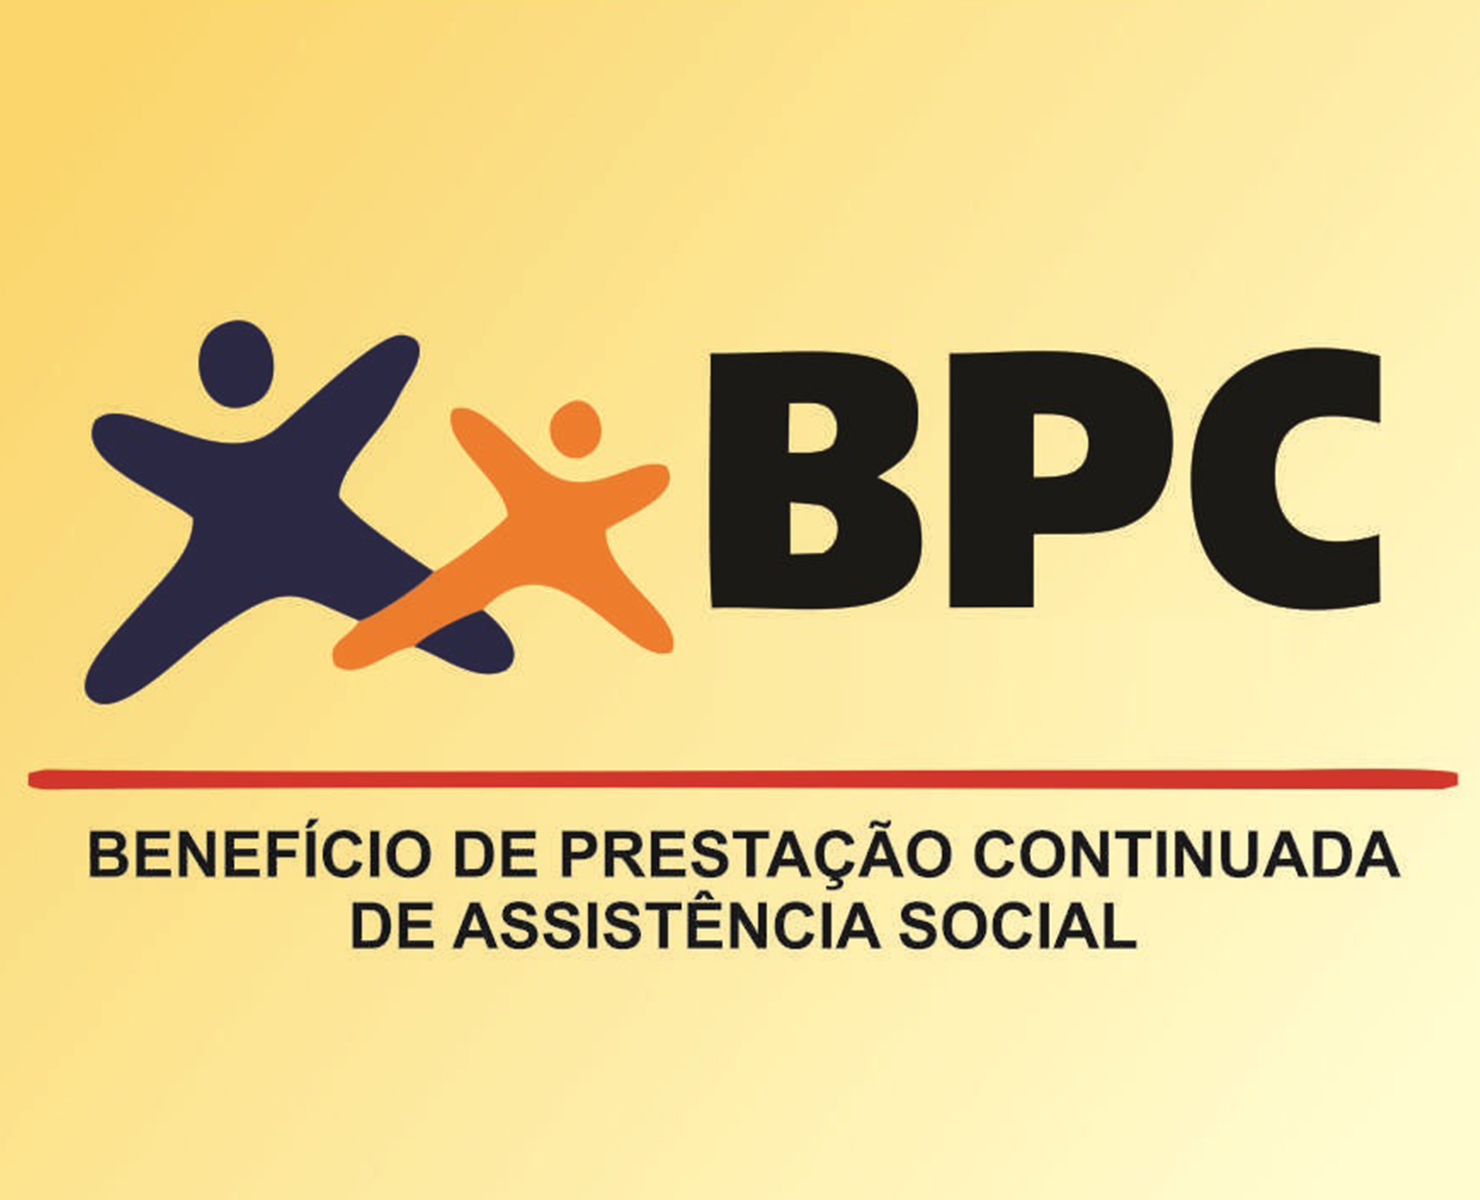 BPC: MAIS DE 700 MIL APOSENTADOS AINDA NÃO FIZERAM O CADASTRO ÚNICO E PODEM PERDER O BENEFÍCIO DEFINITIVAMENTE